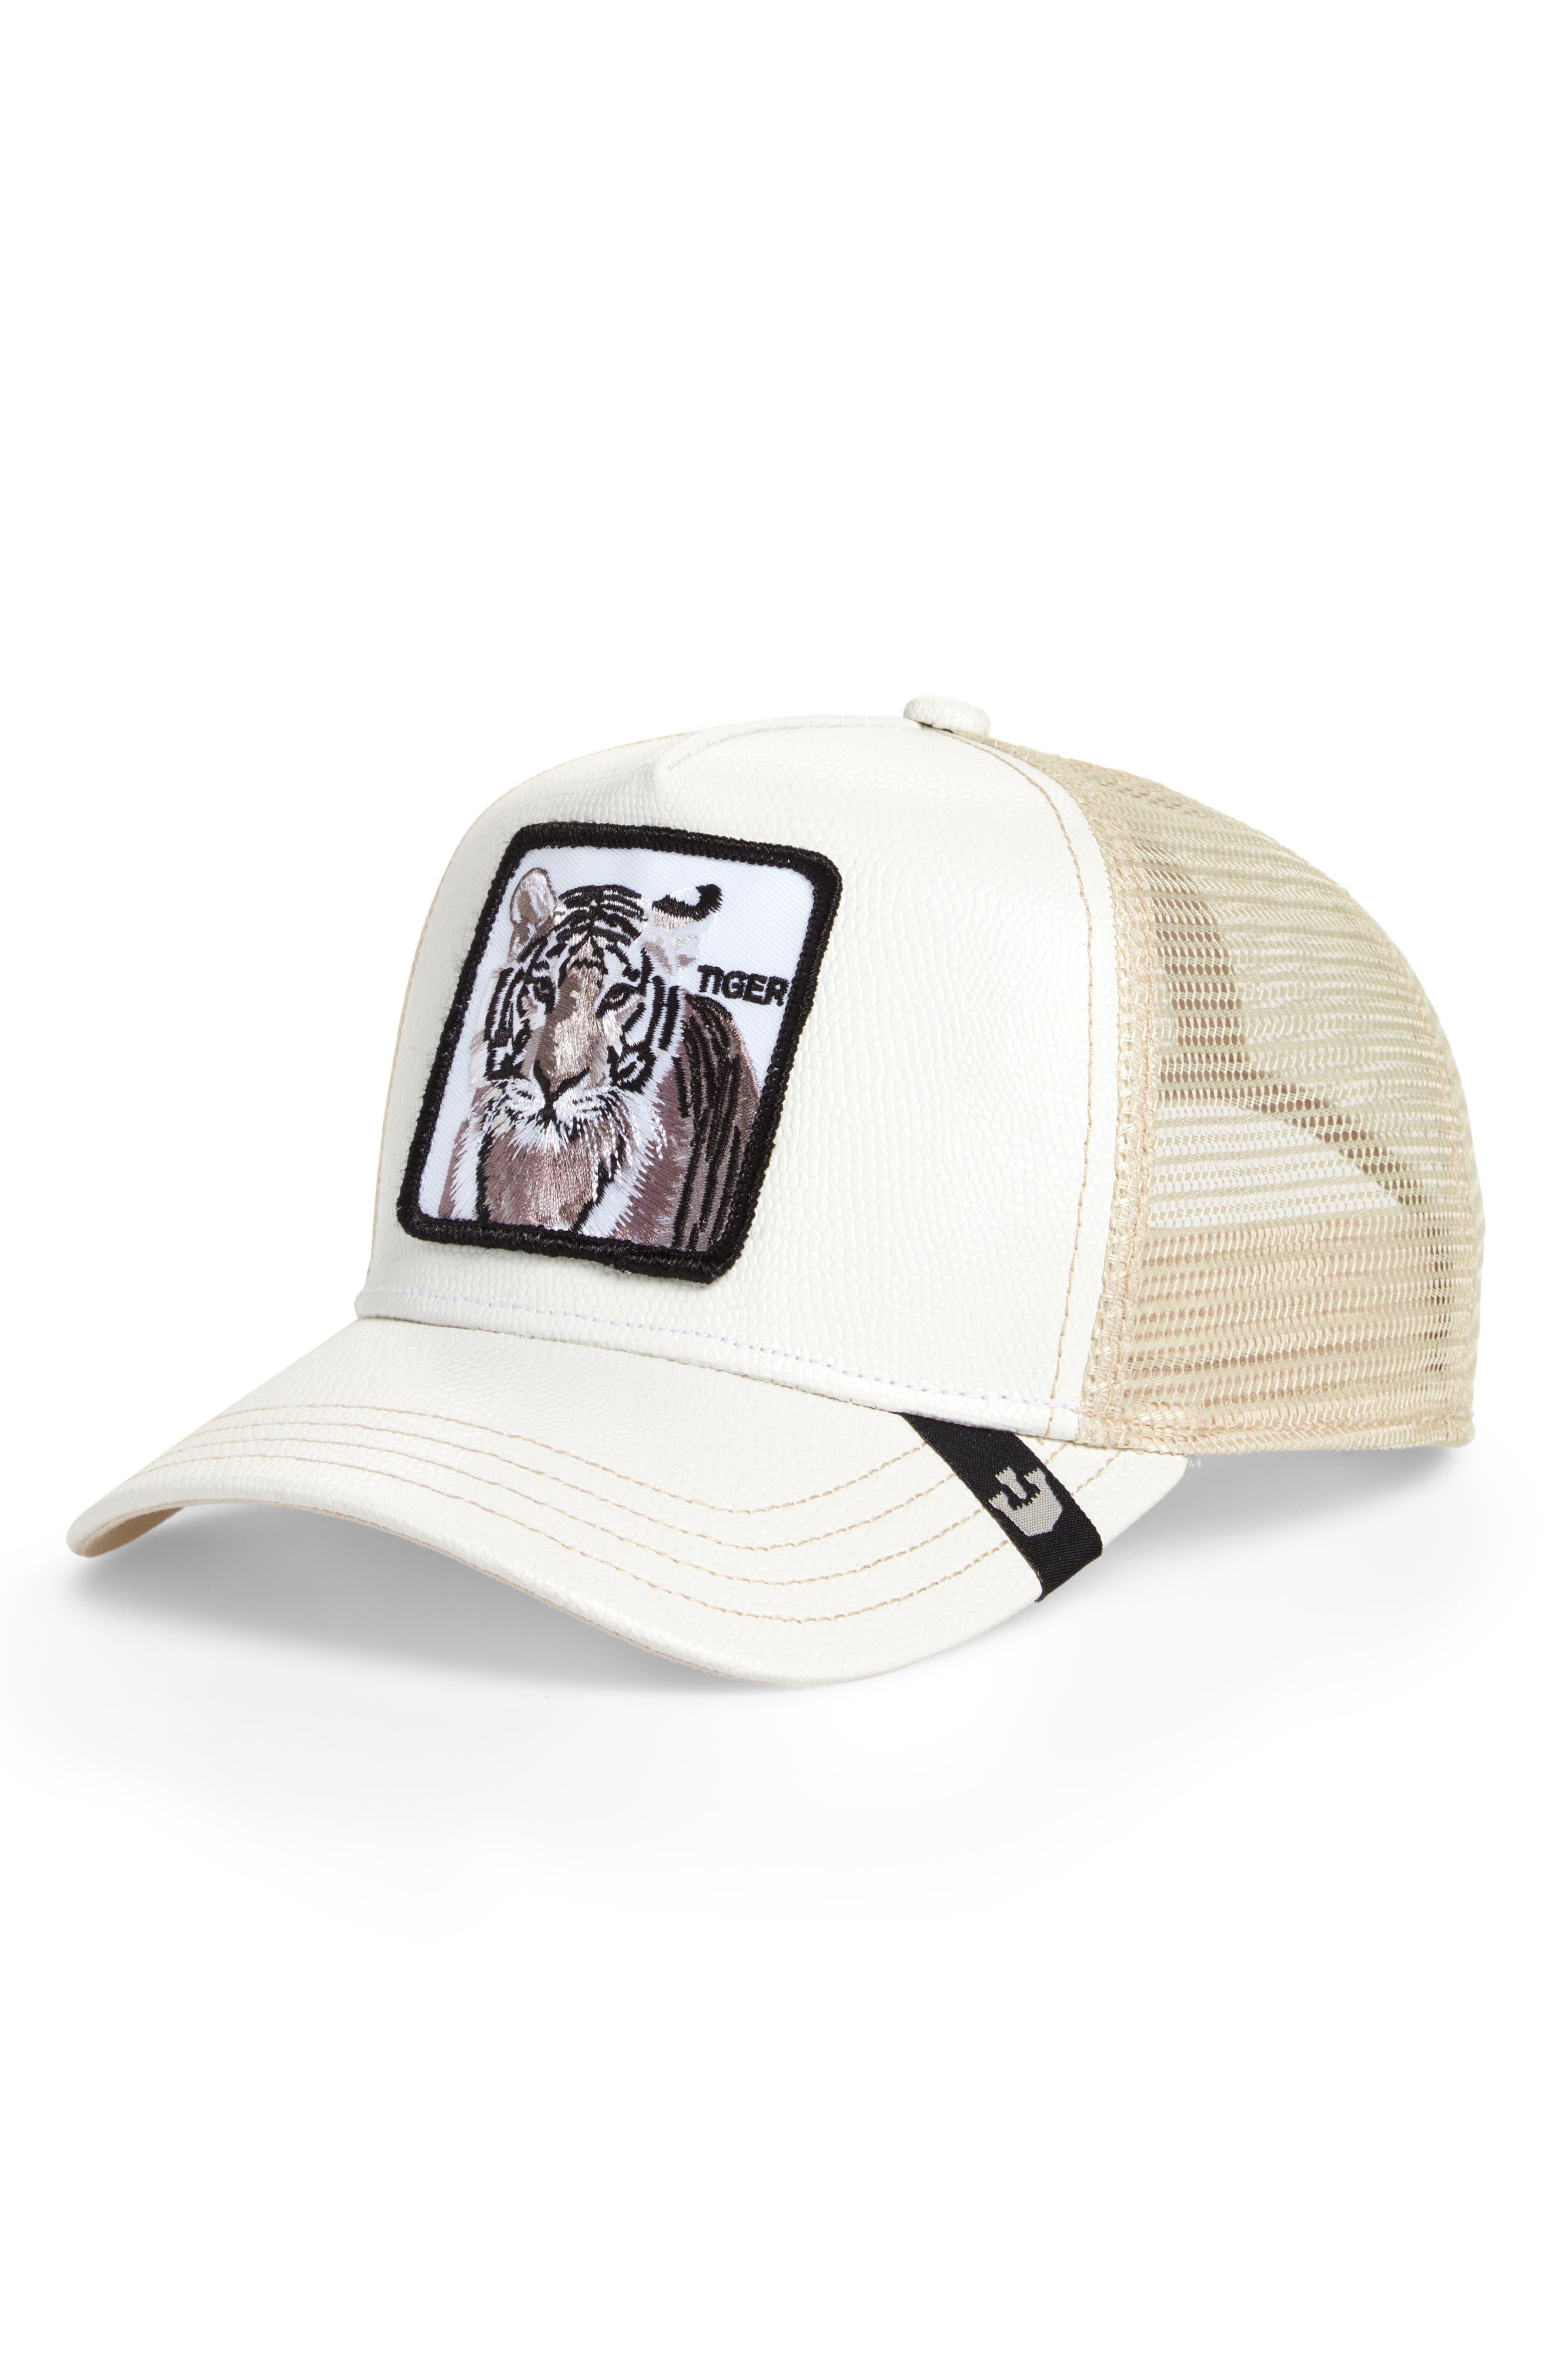 . Killer Tiger Trucker Hat